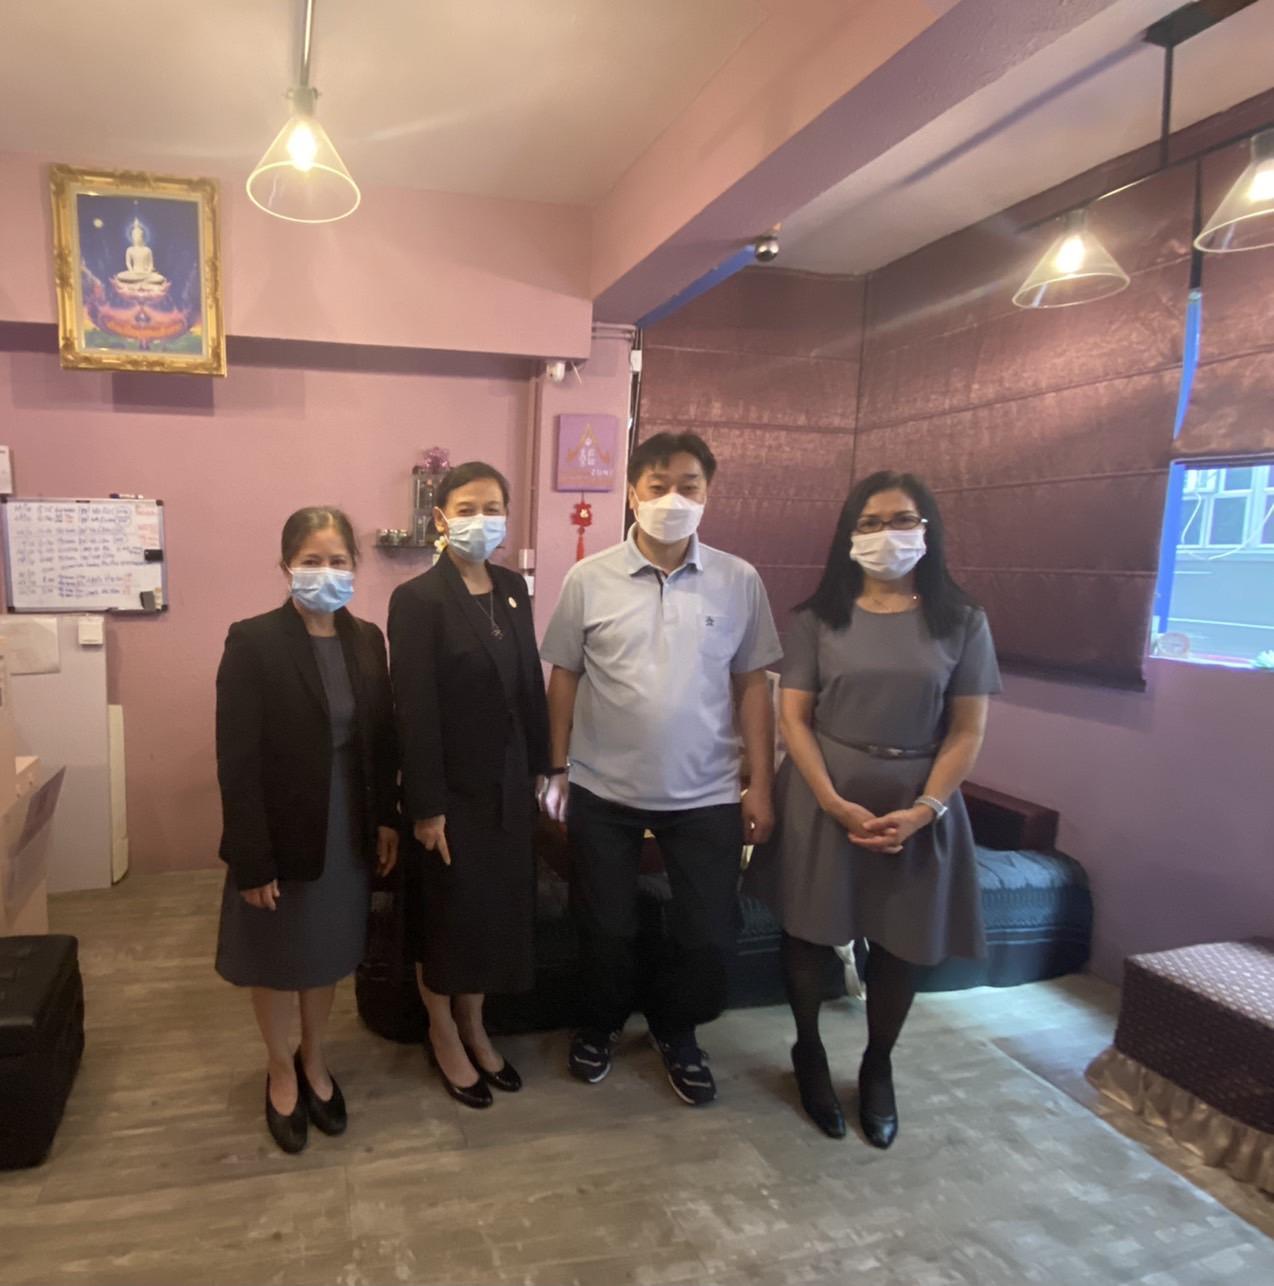 สำนักงานแรงงาน ณ เมืองฮ่องกง พบกับนายจ้างบริษัทThai Zone Limitedซึ่งประกอบธุรกิจร้านเสริมสวยและนวด (ขนาดเล็ก)เขตซิมซาจุ๋ย